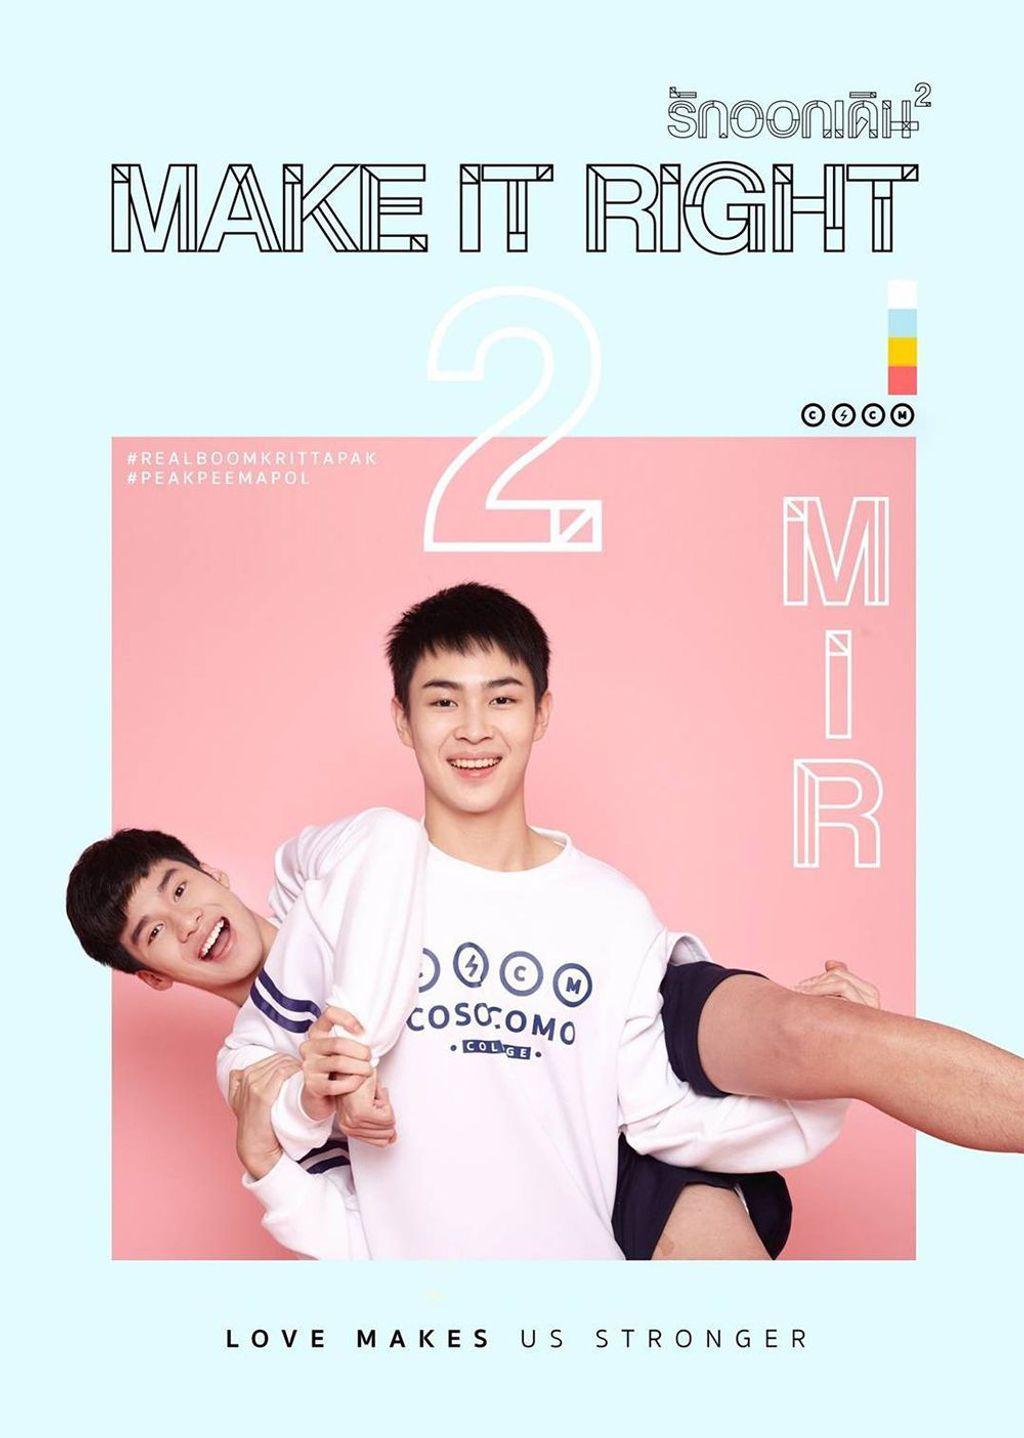 愛來了別錯過2(Make It Right 2)第1集|免費線上看|BL館|LINE TV-精彩隨看